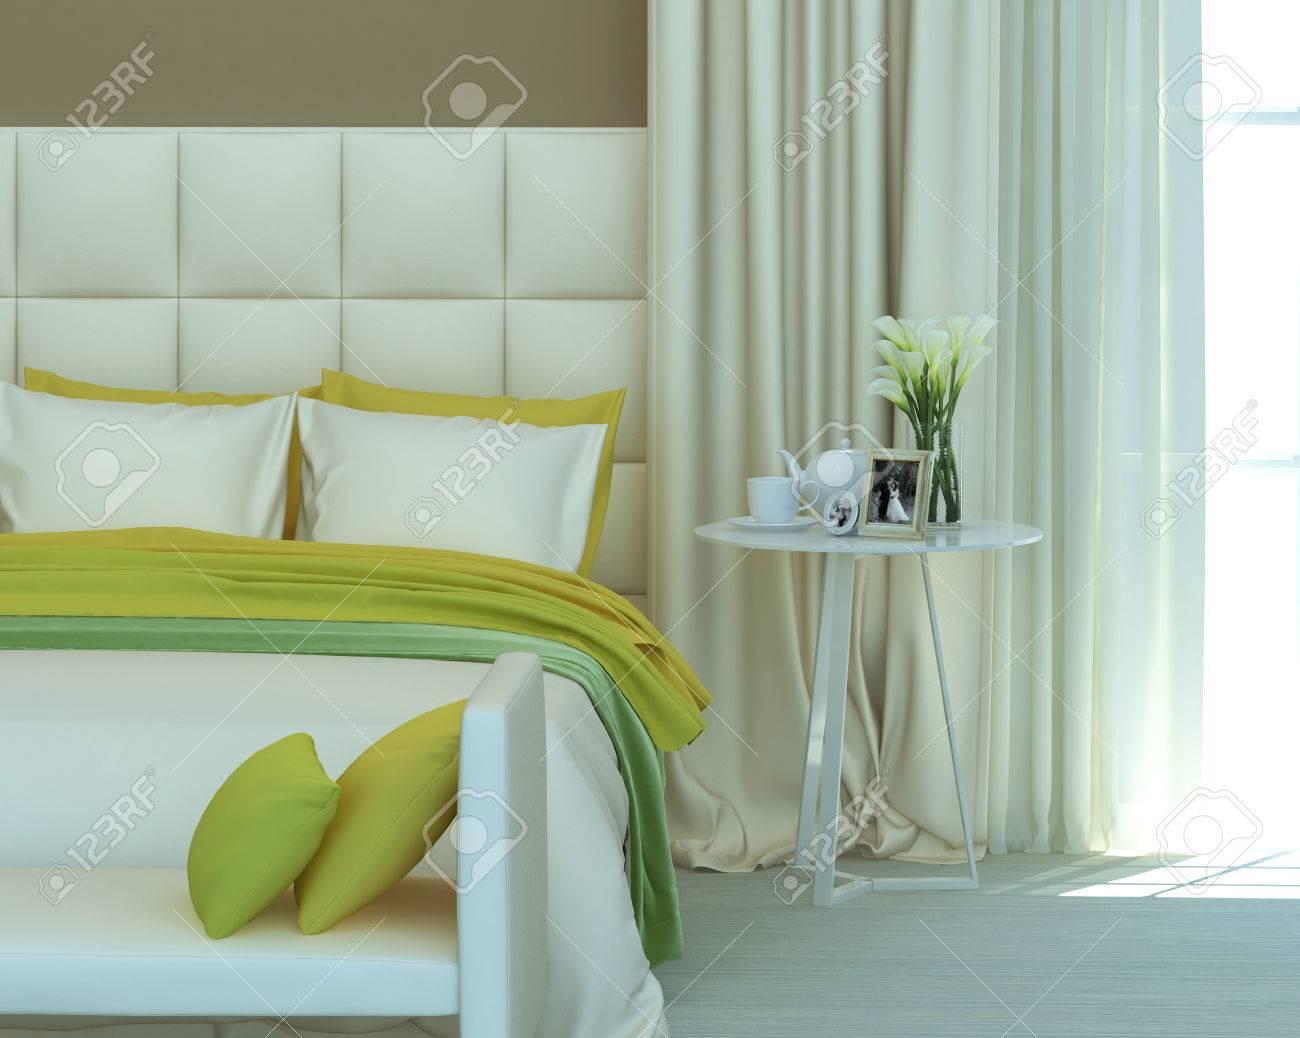 Couleurs jaune et vert dans l\'intérieur de la chambre. Rendu 3D